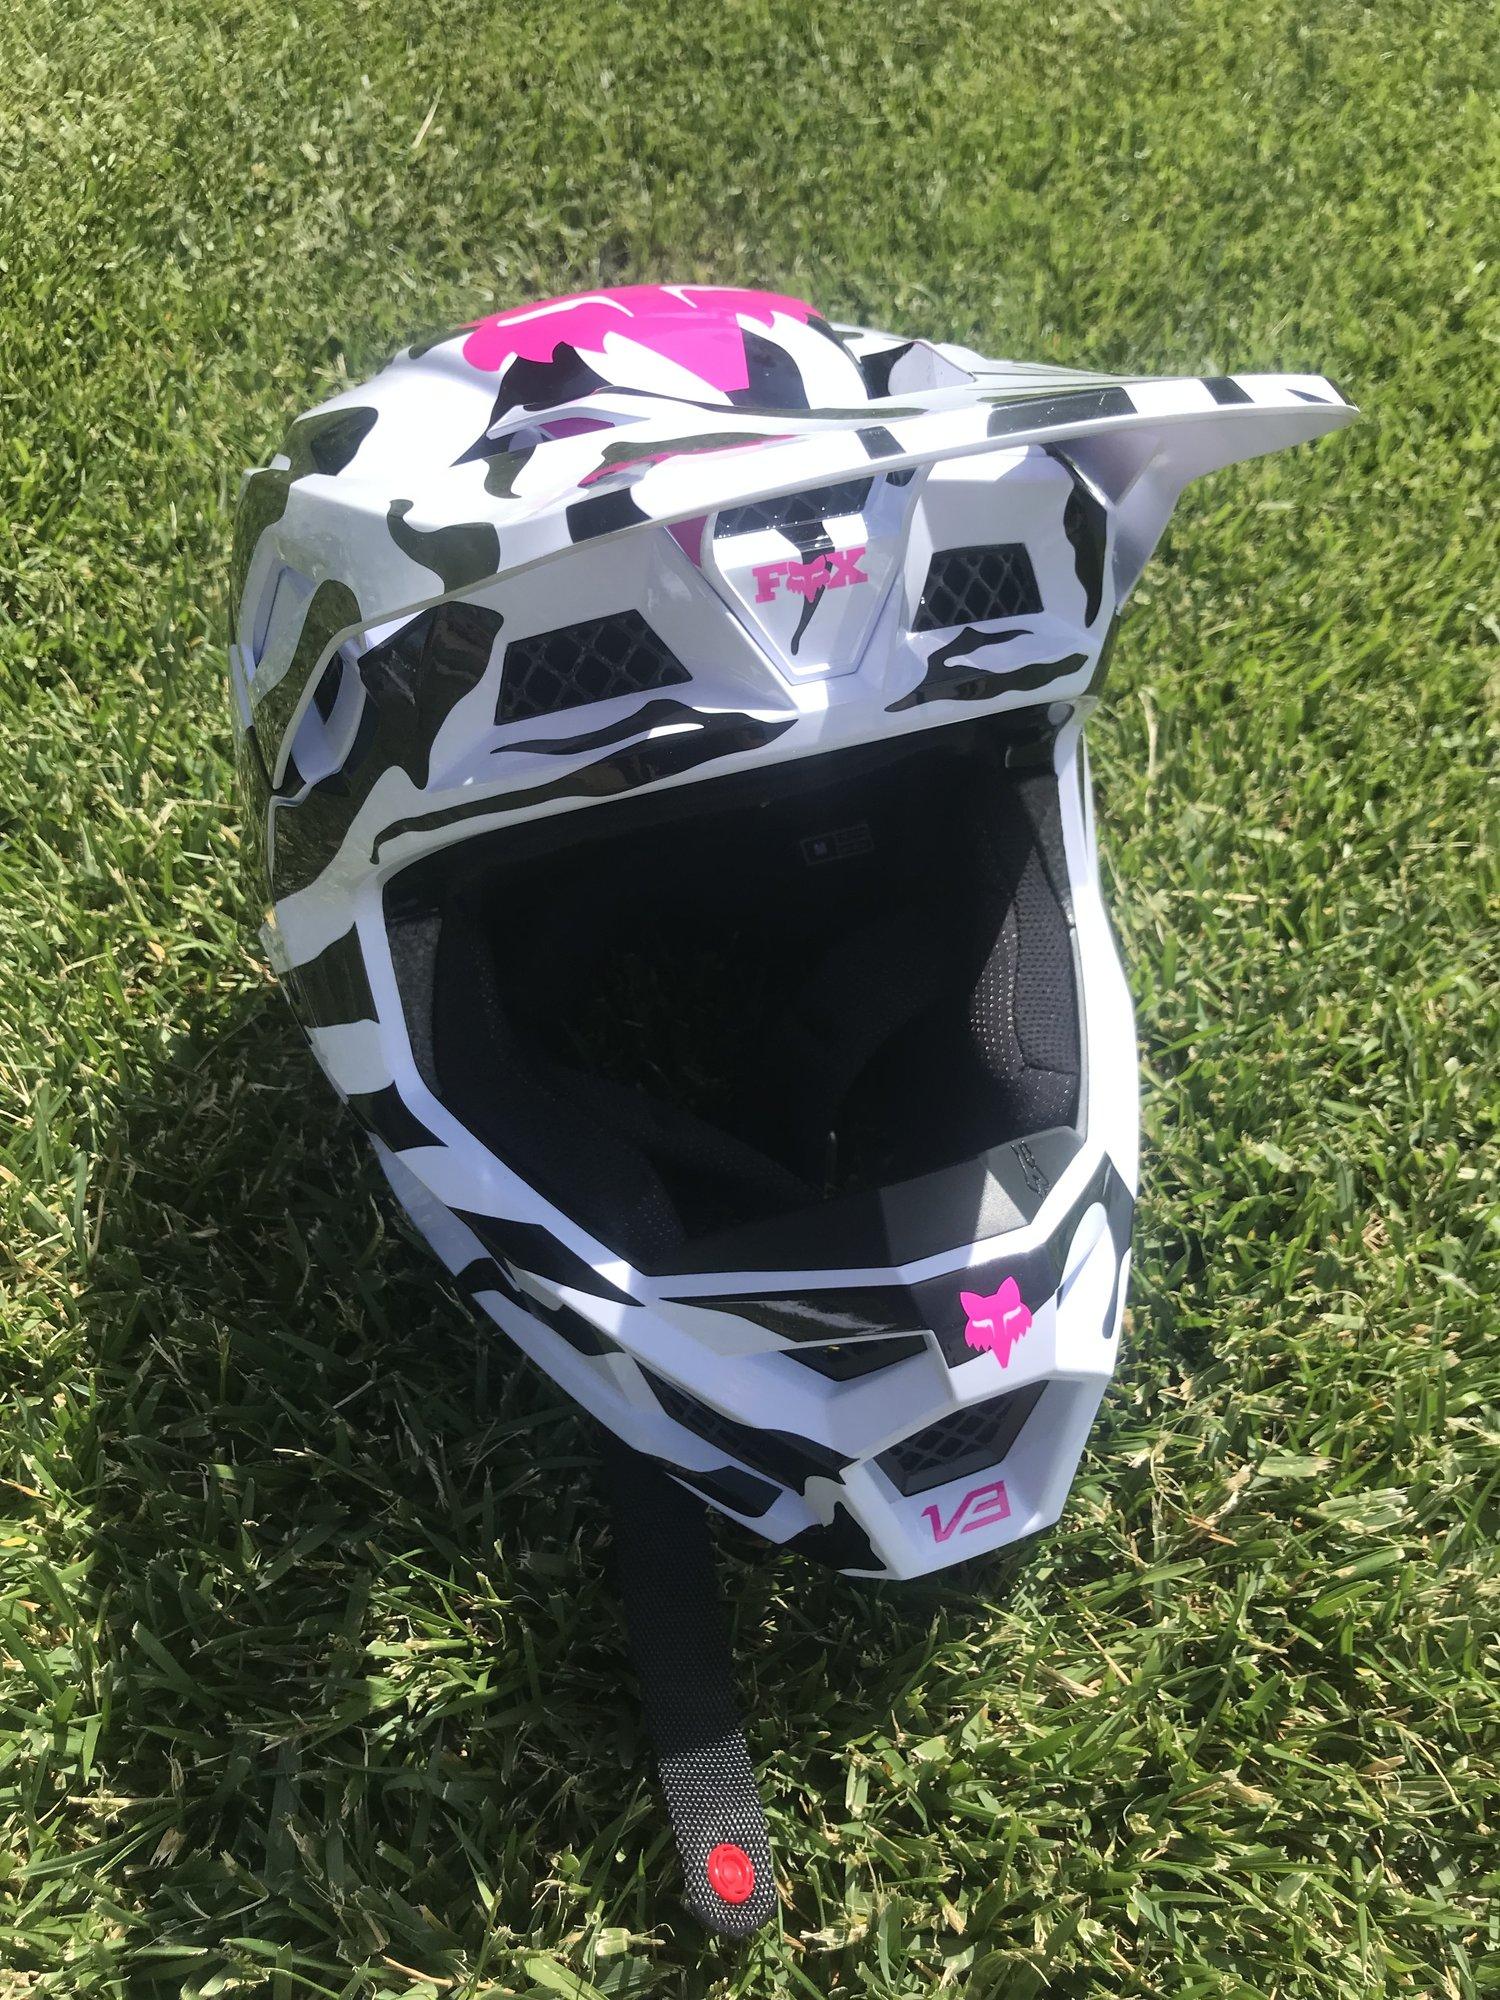 Fox V3 Helmet >> 2019 Fox V3 Helmet Keefer Inc Testing